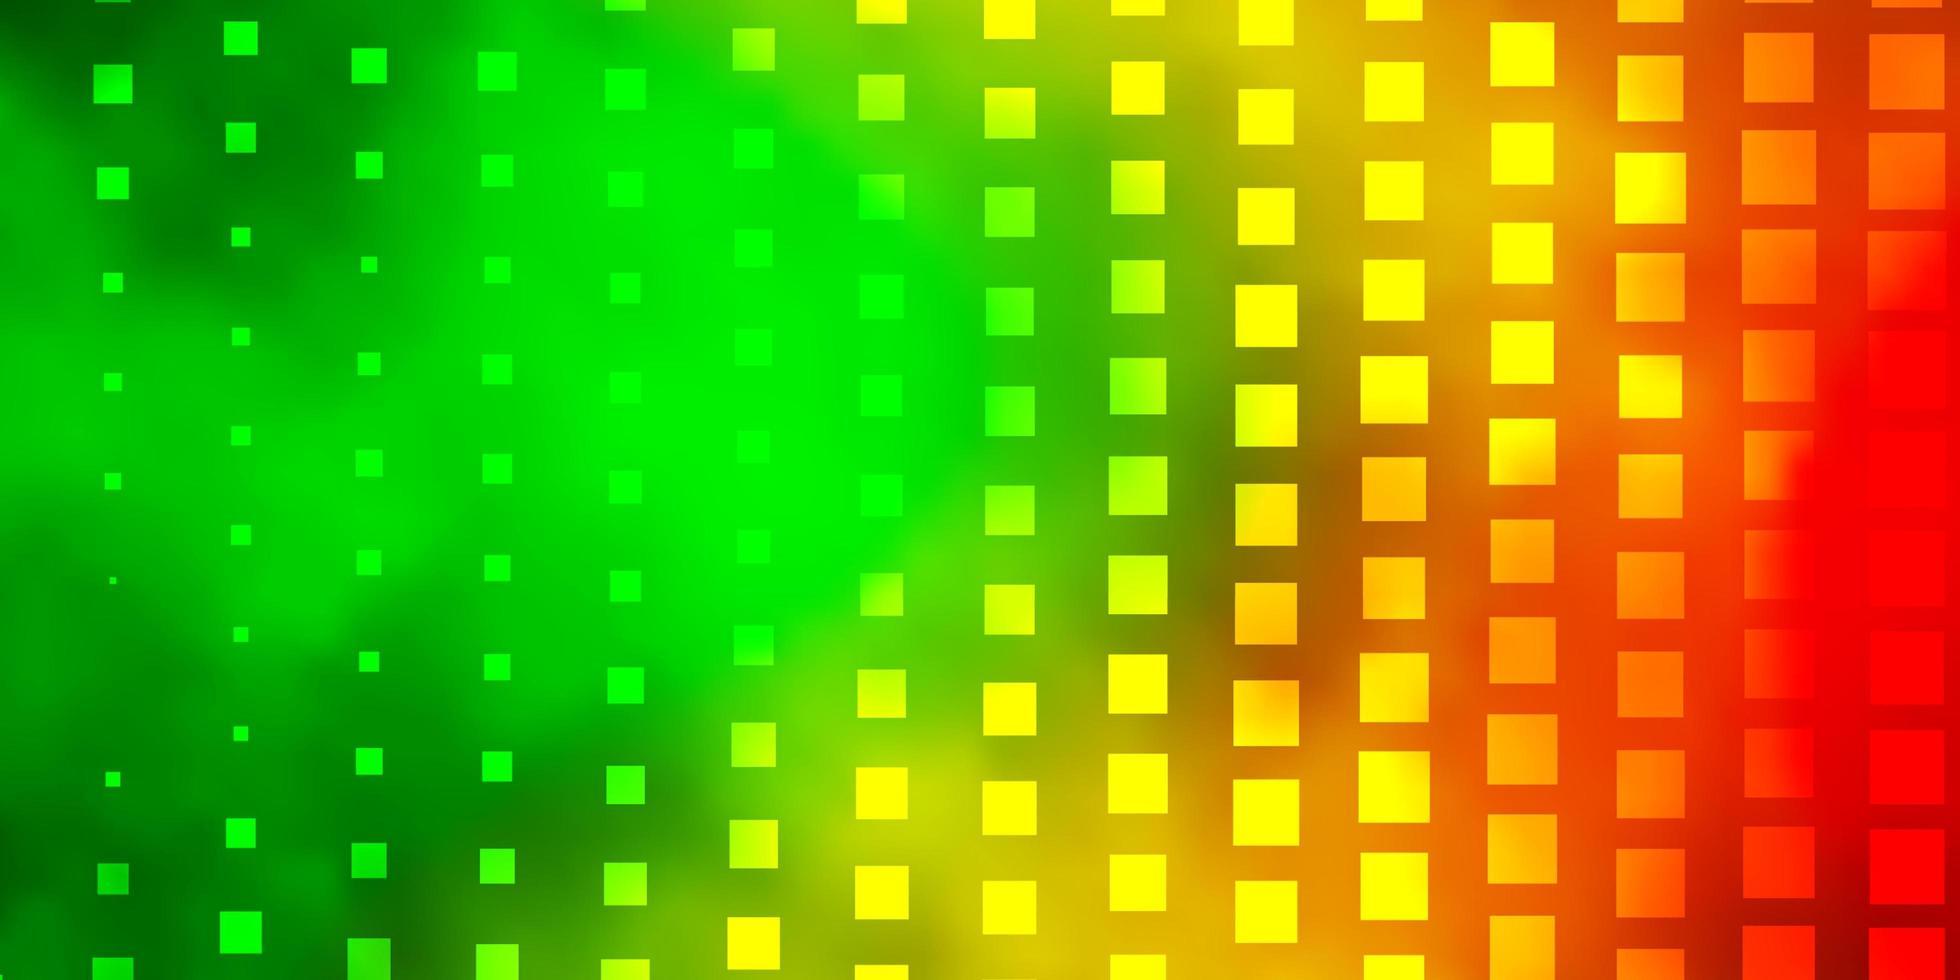 mörkgrön, gul bakgrund med rektanglar. vektor